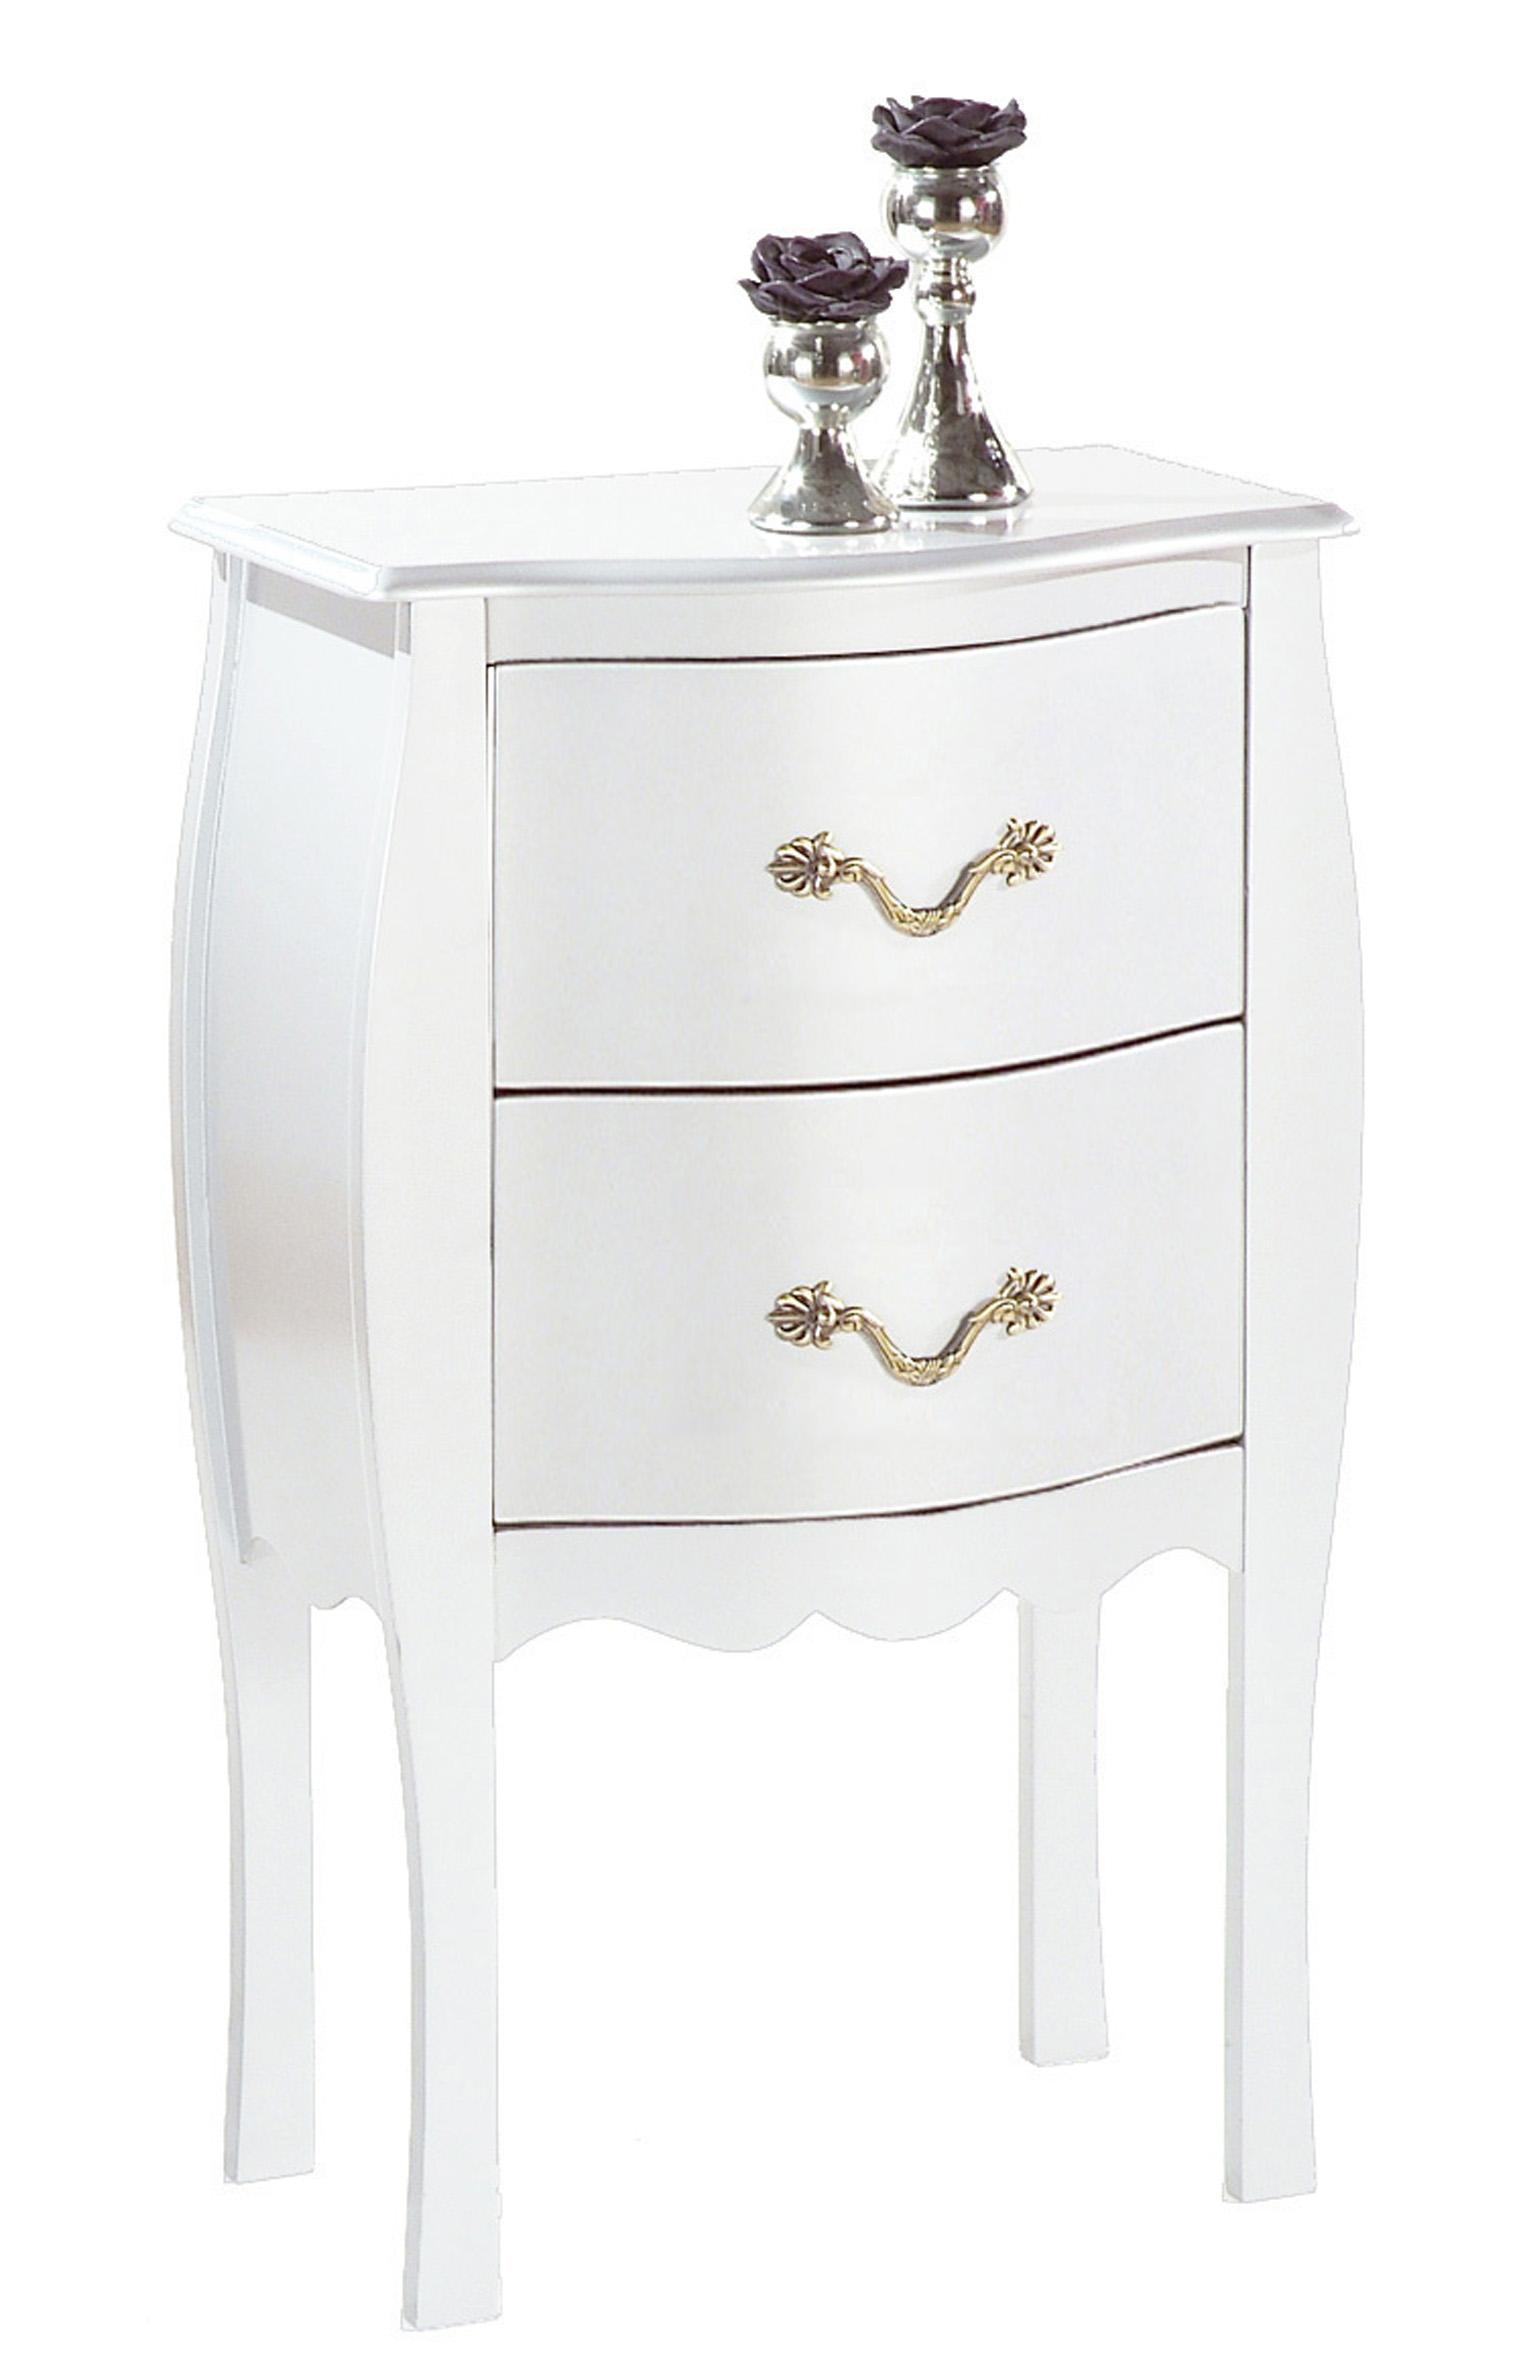 Table de chevet baroque tous les objets de d coration - Table de chevet baroque ...